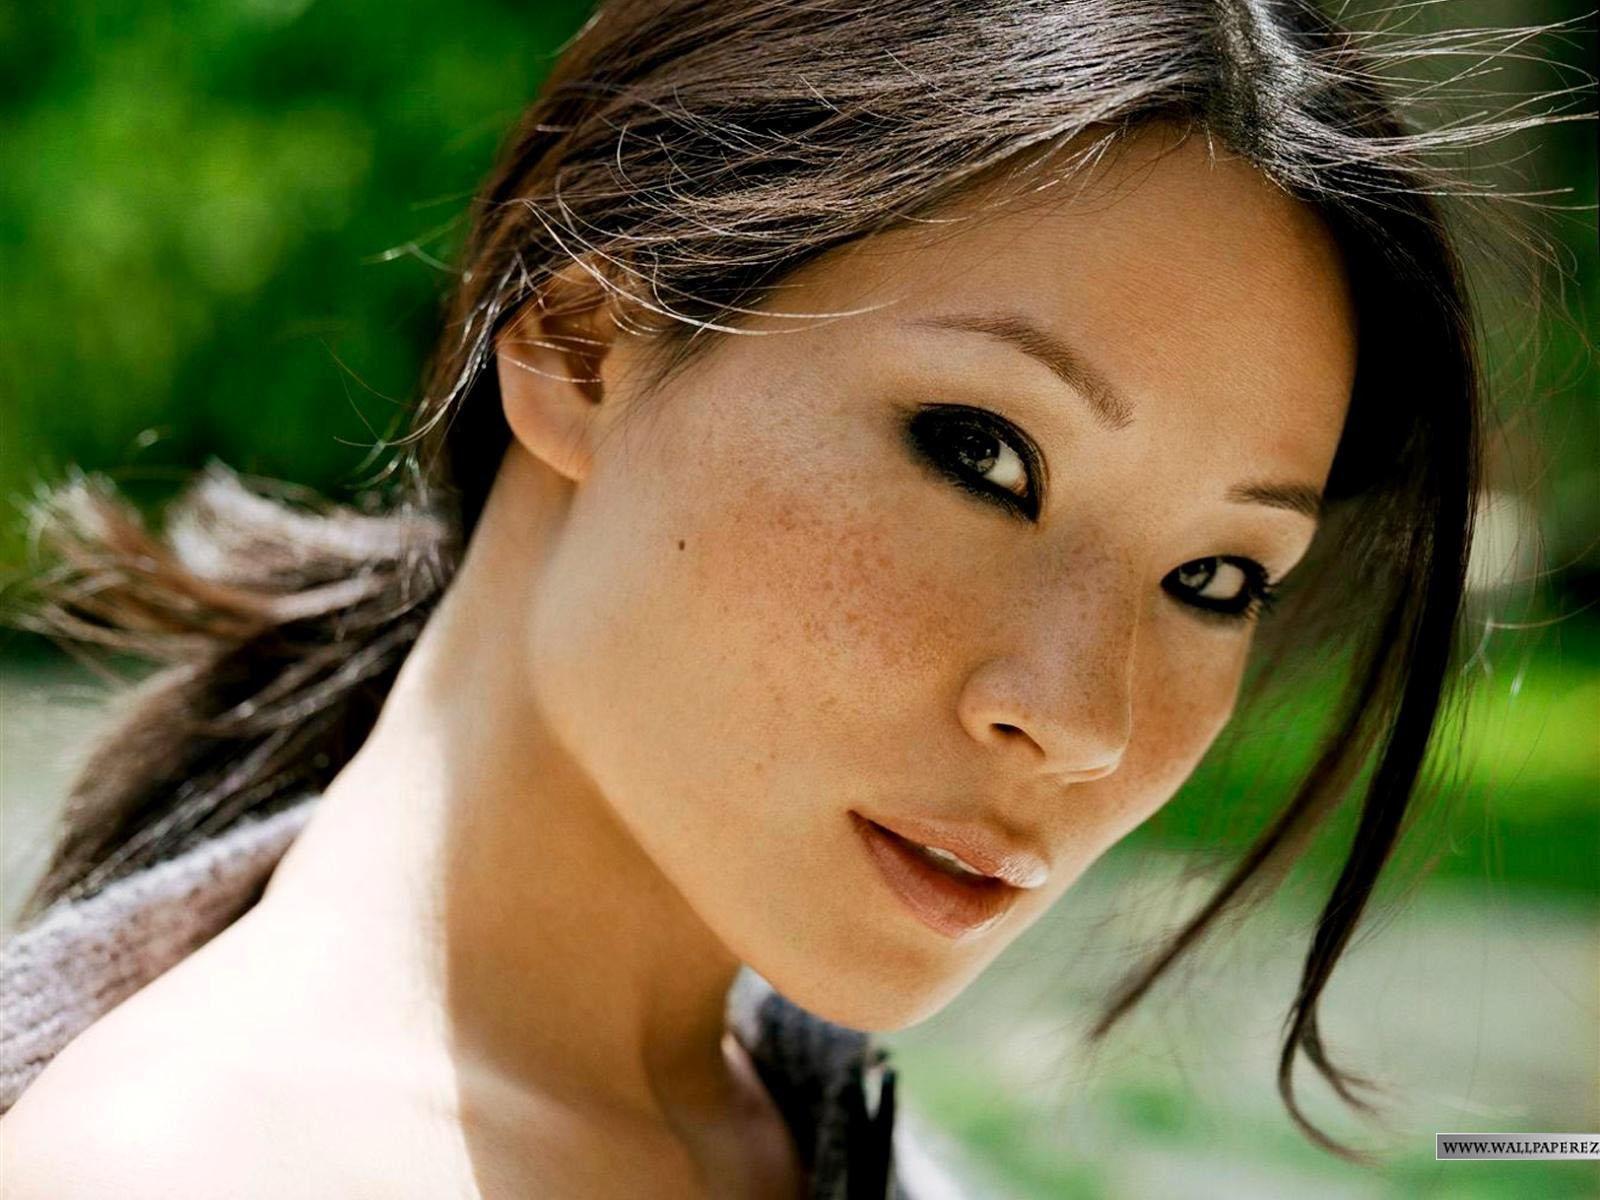 http://4.bp.blogspot.com/_a3GdNVaXhv0/S-s-E10fr7I/AAAAAAAAAeM/Ock61GQVUmw/s1600/Lucy-Liu-109.jpg